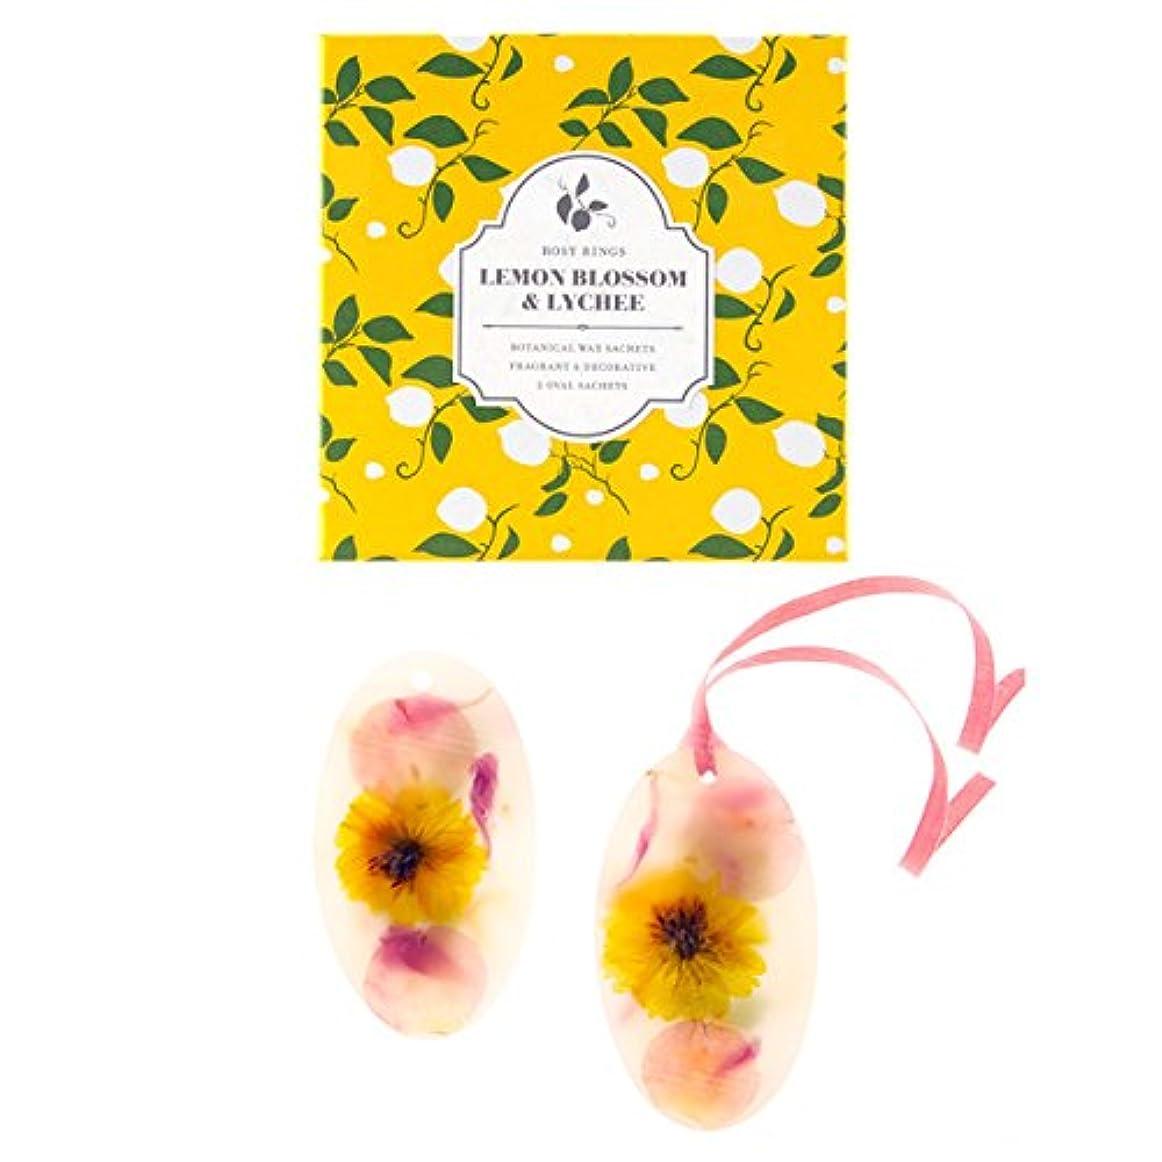 スキャンダル胸アッパーロージーリングス ボタニカルワックスサシェ オーバル レモンブロッサム&ライチ ROSY RINGS Signature Collection Botanical Wax Sachets – Lemon Blossom & Lychee